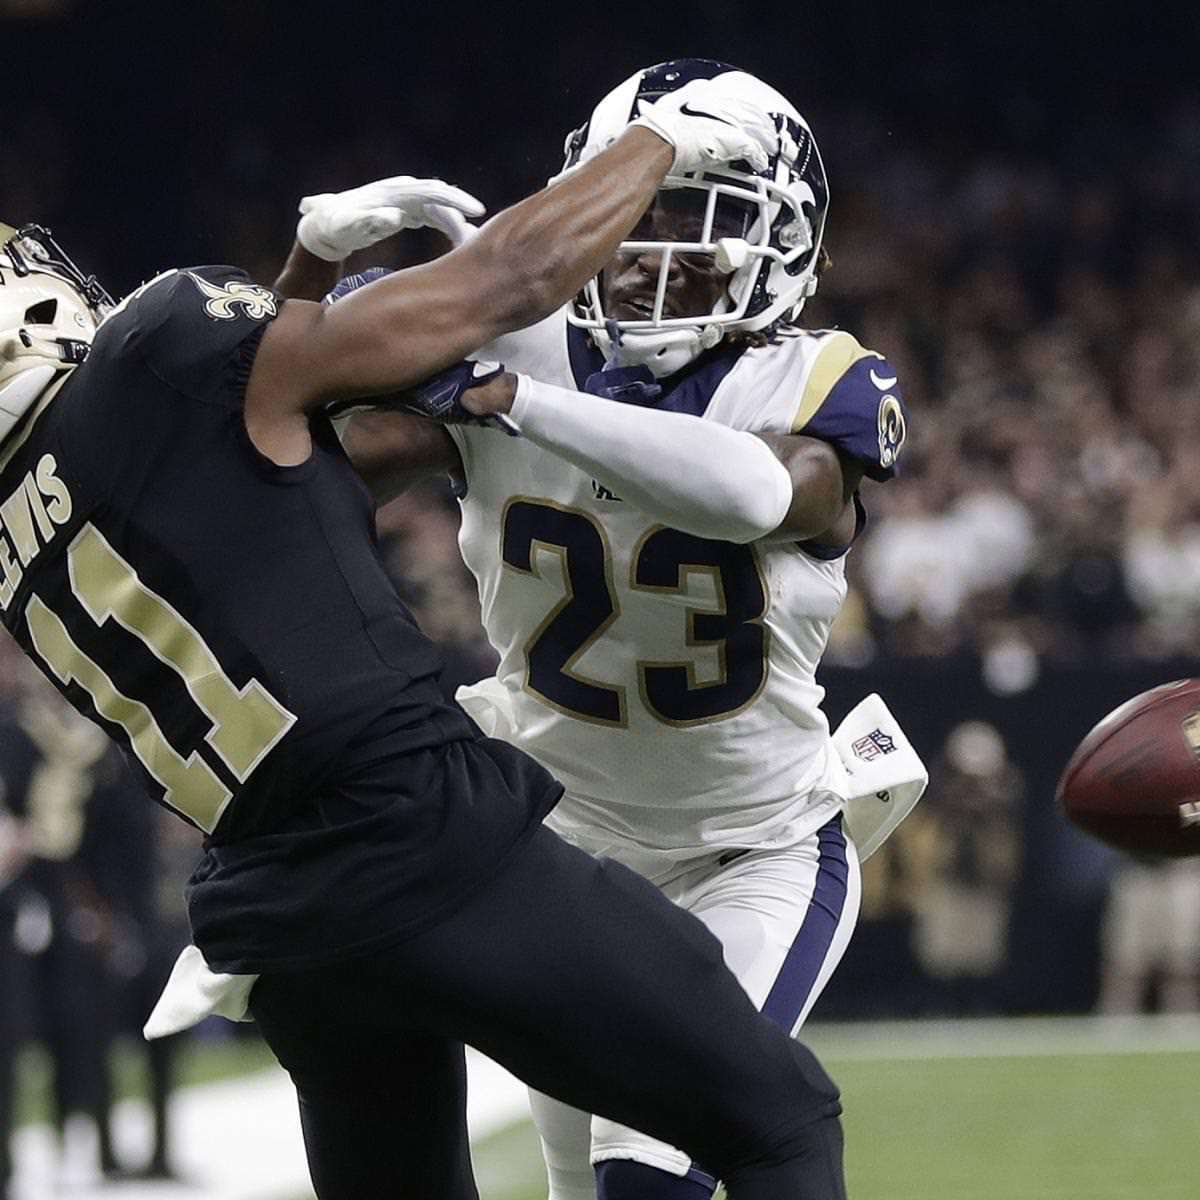 Comitê de Competição da NFL Estudará SkyJudge para Corrigir os Erros dos Funcionários